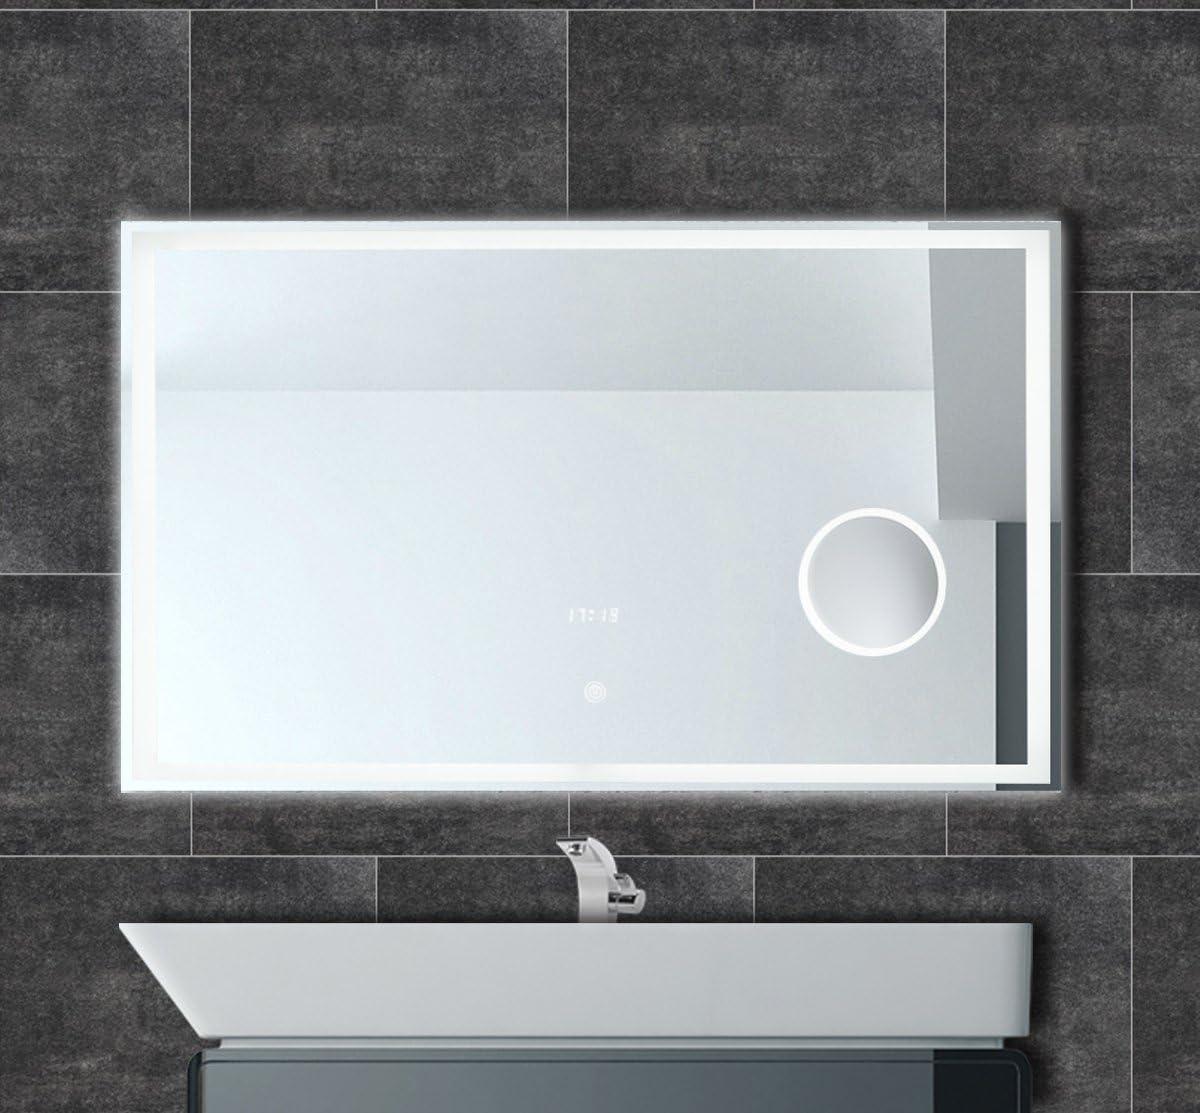 LED Bad Spiegel Lichtspiegel Kosmetikspiegel Touchschalter mit Rasiersteckdose